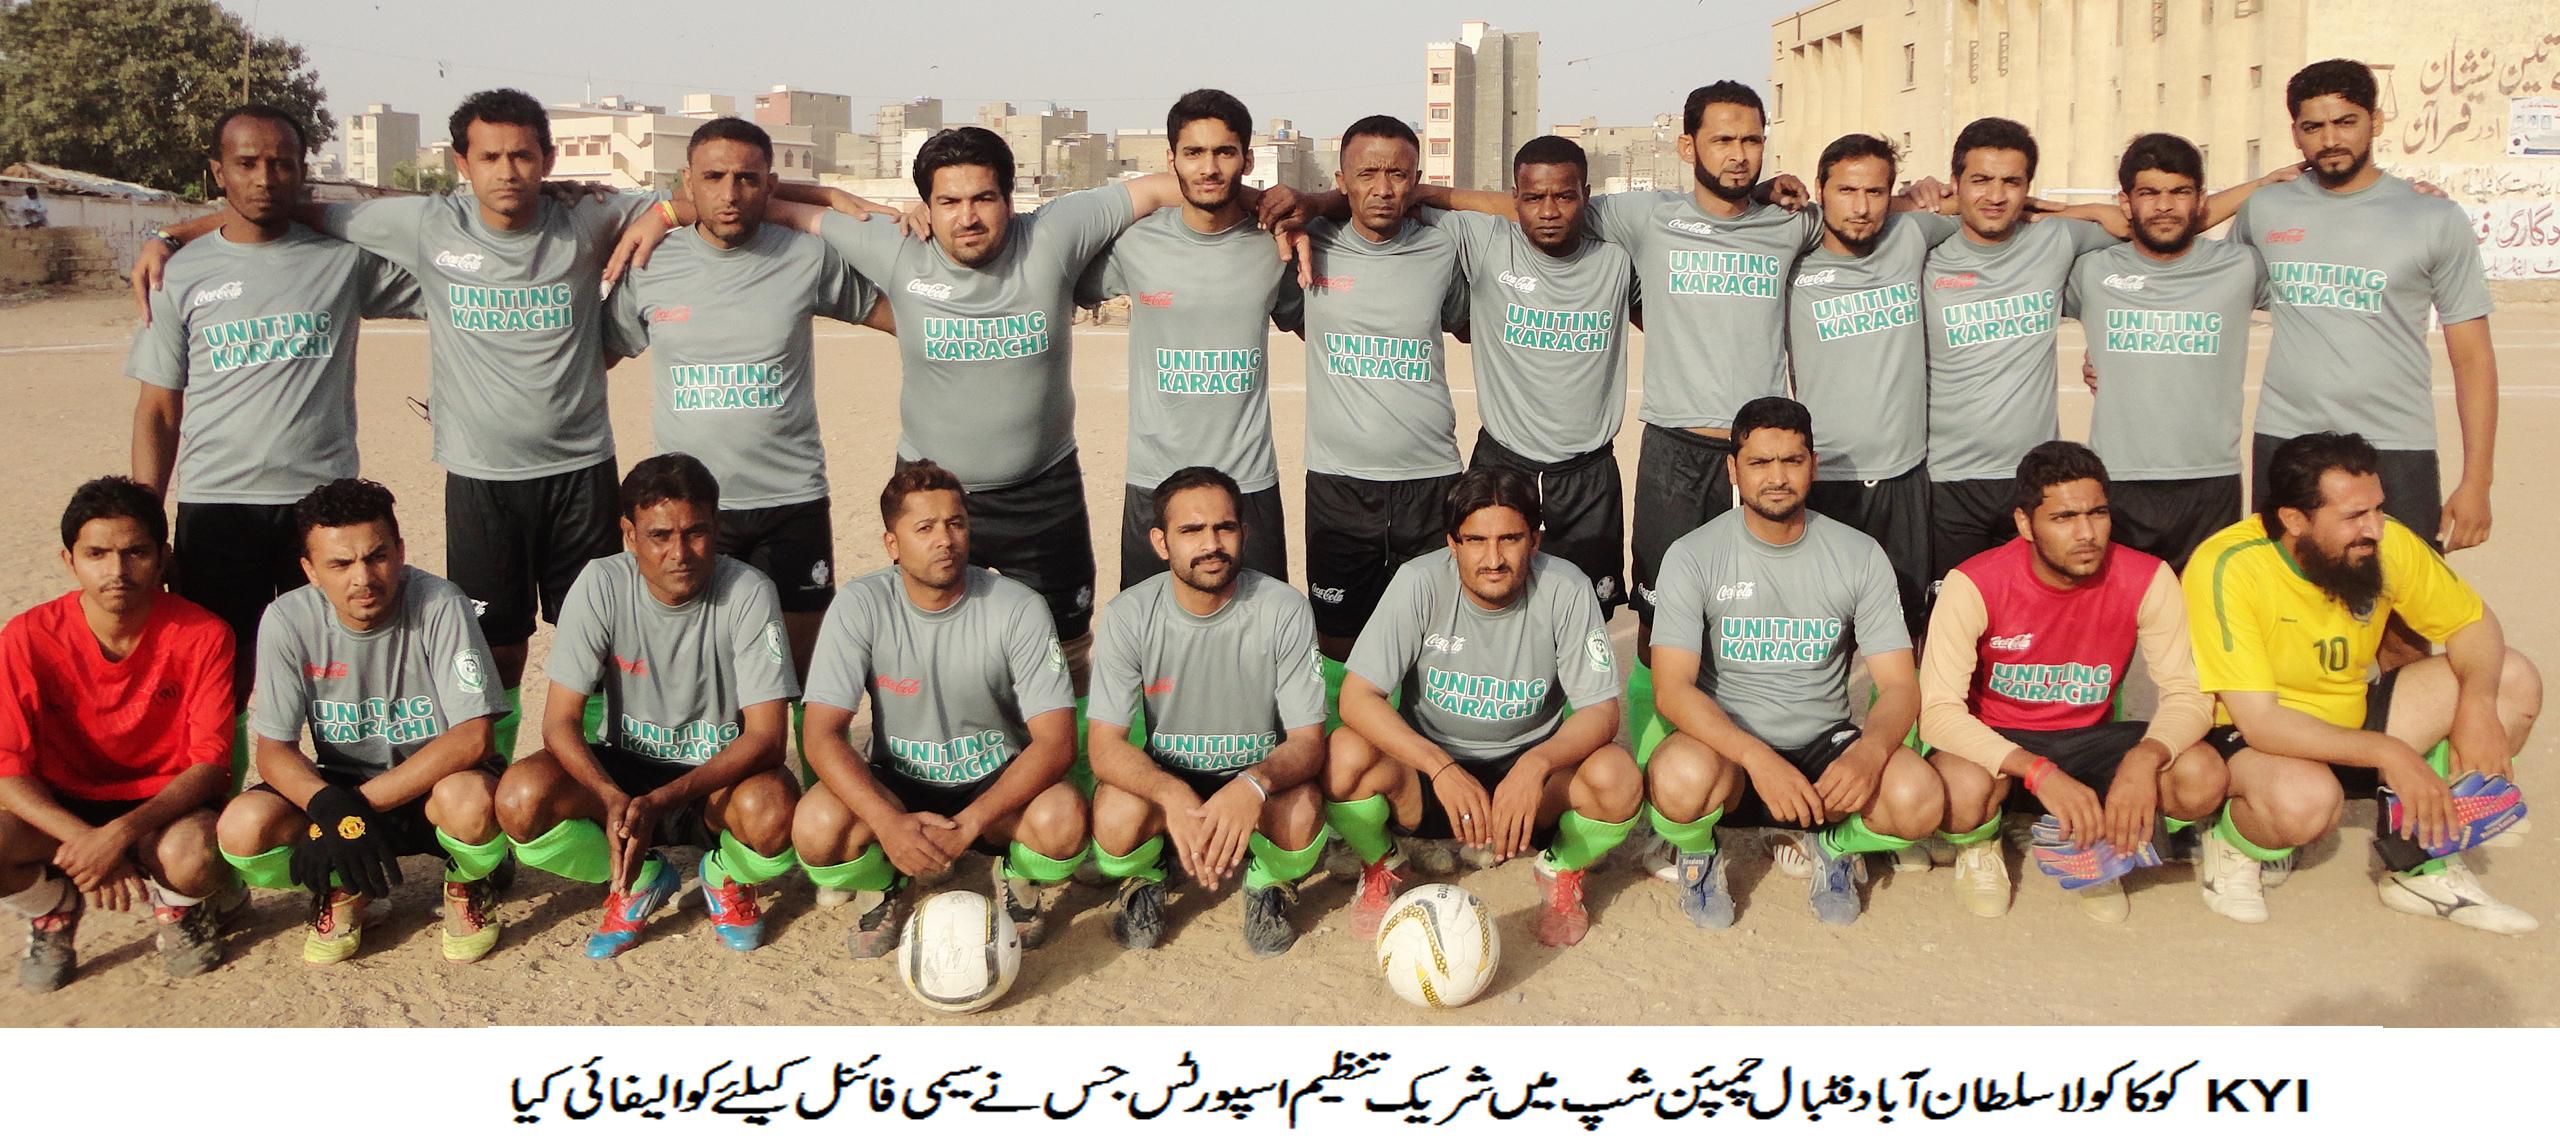 Coca-Cola Sultanabad Championship: Tanzeem Sports Gizri win on penalties to reach semi-finals